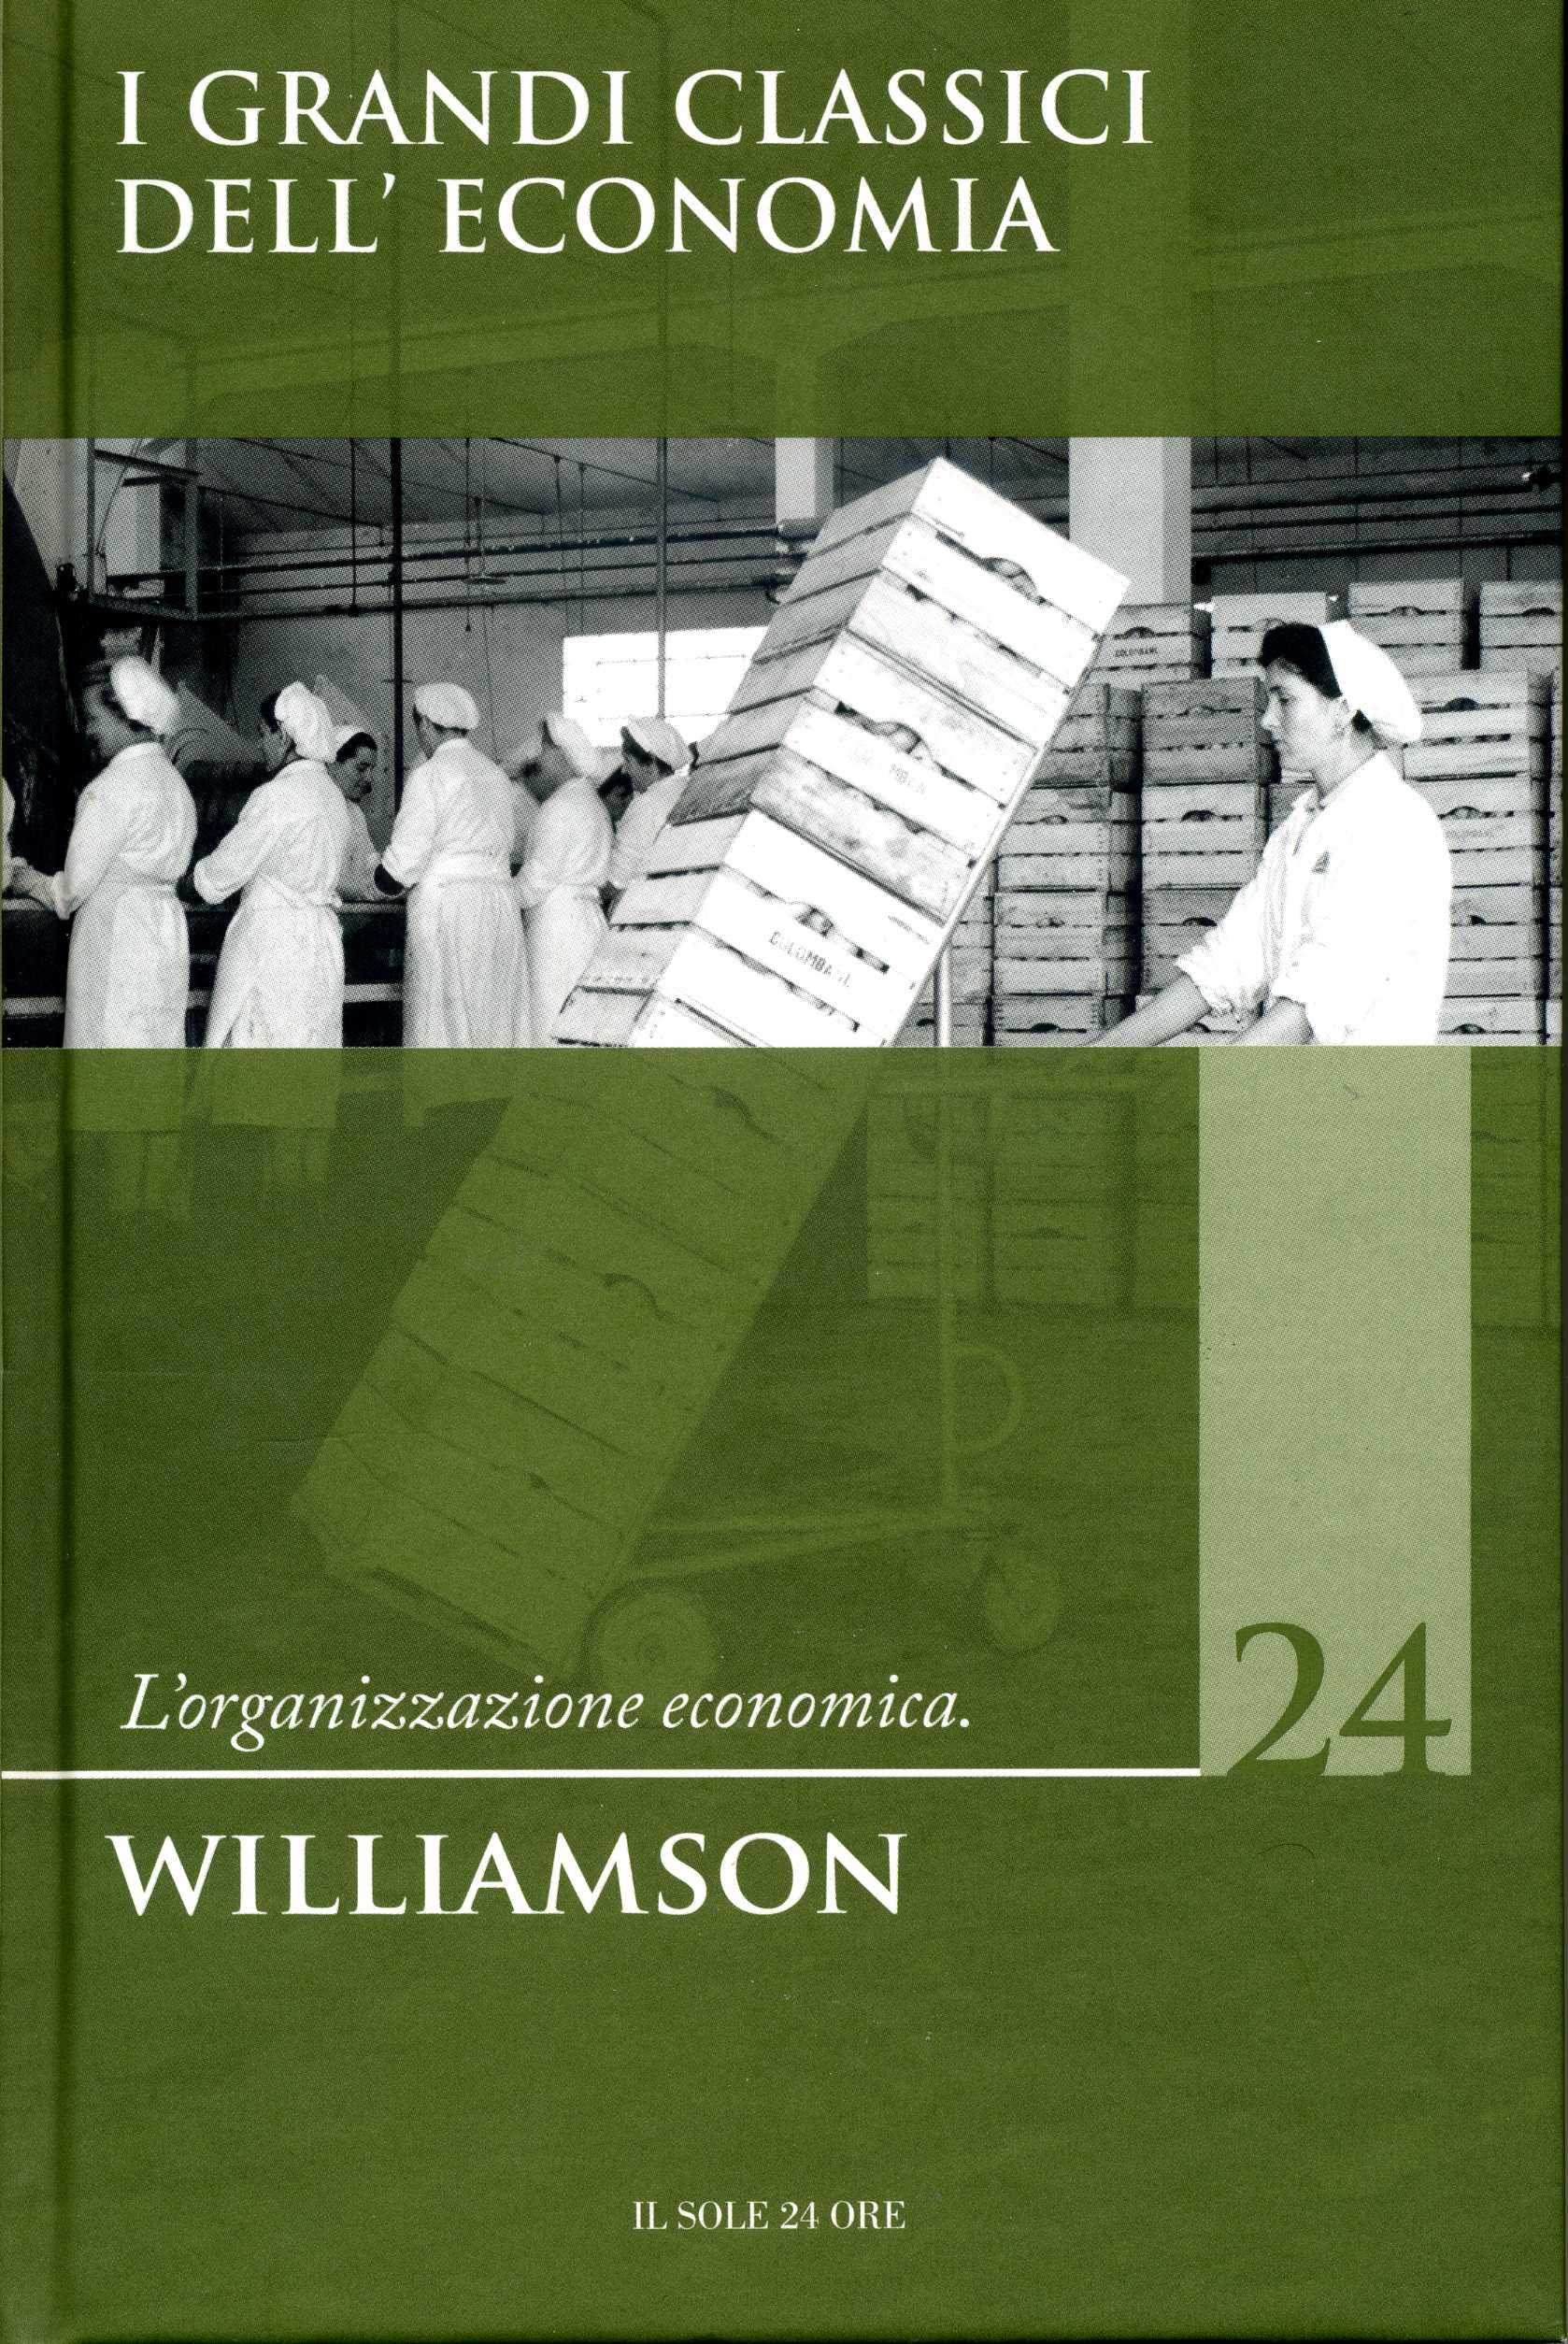 L'organizzazione economica